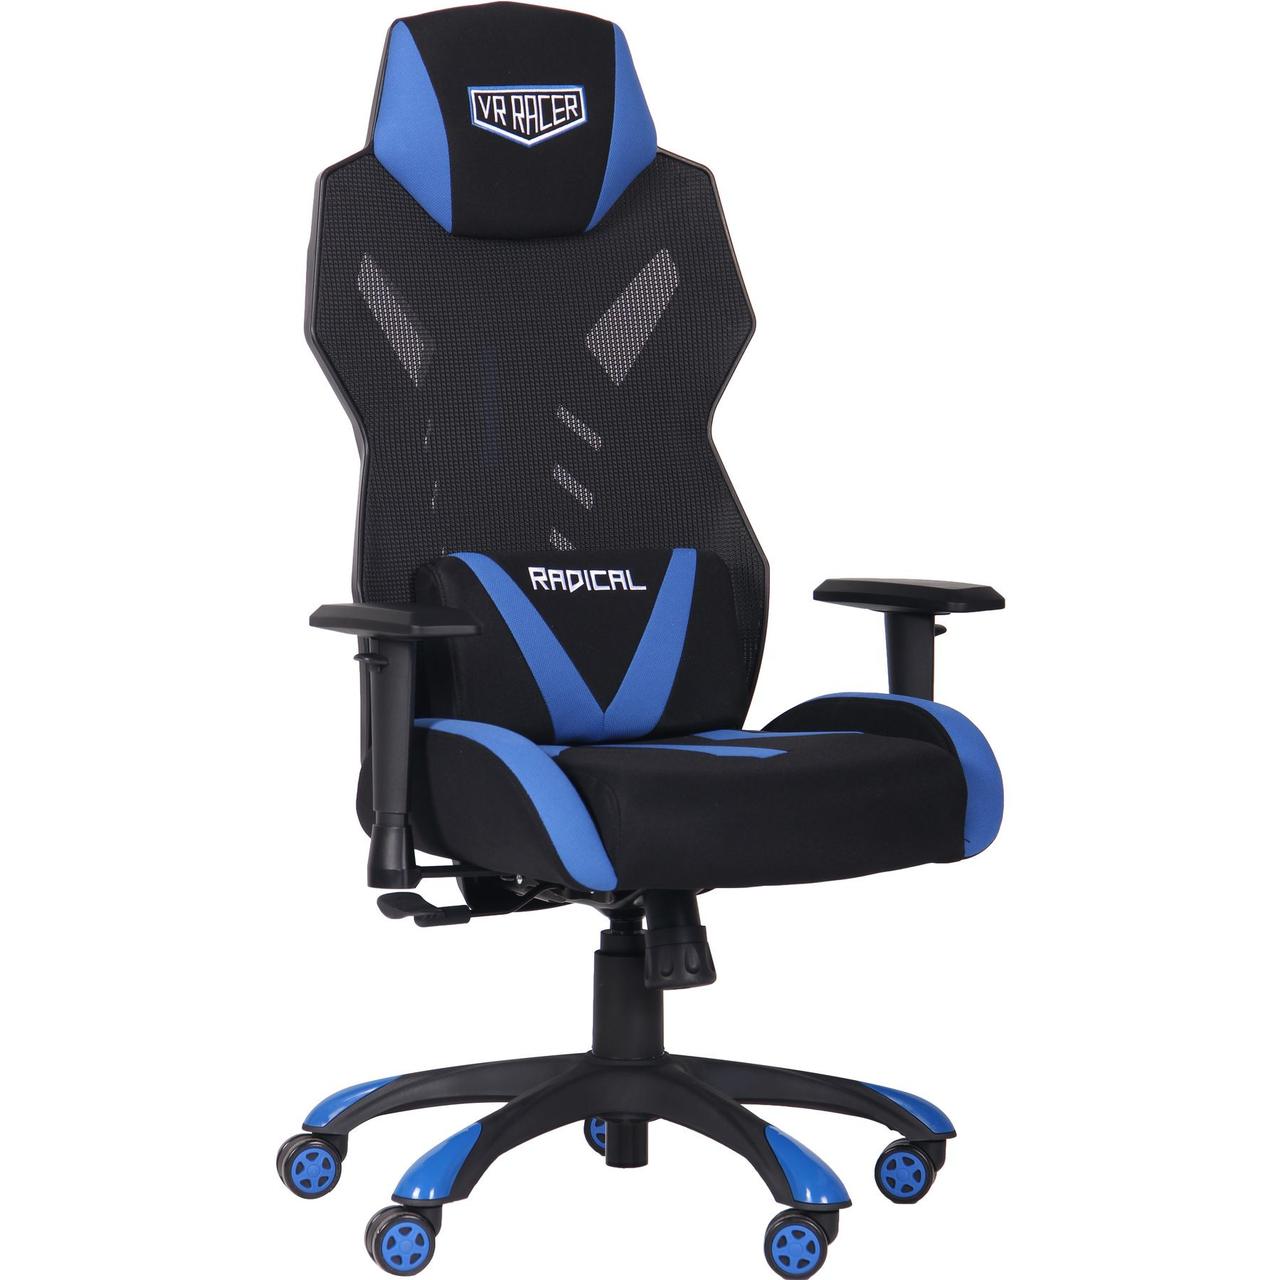 Кресло VR Racer Radical Krios черный/синий TM AMF